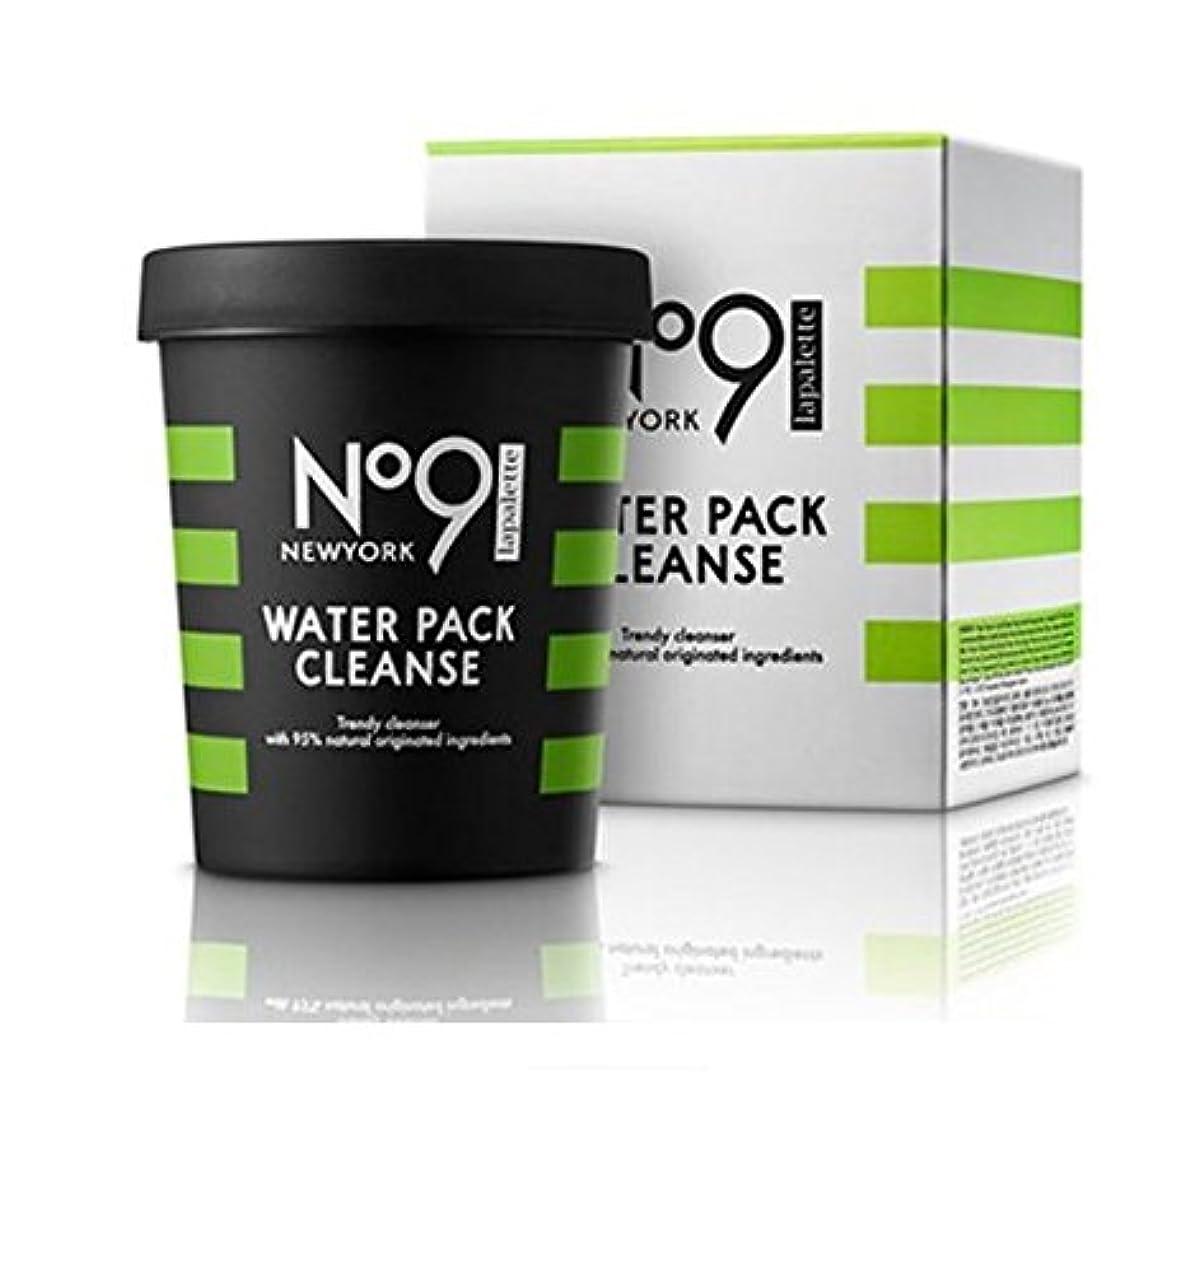 たまに精緻化どのくらいの頻度でlapalette (ラ パレット) No.9 ウォーター パッククレンザー/No.9 Water Pack Cleanse (250g) (ゼリーゼリーケール(Jelly Jelly Kale)) [並行輸入品]